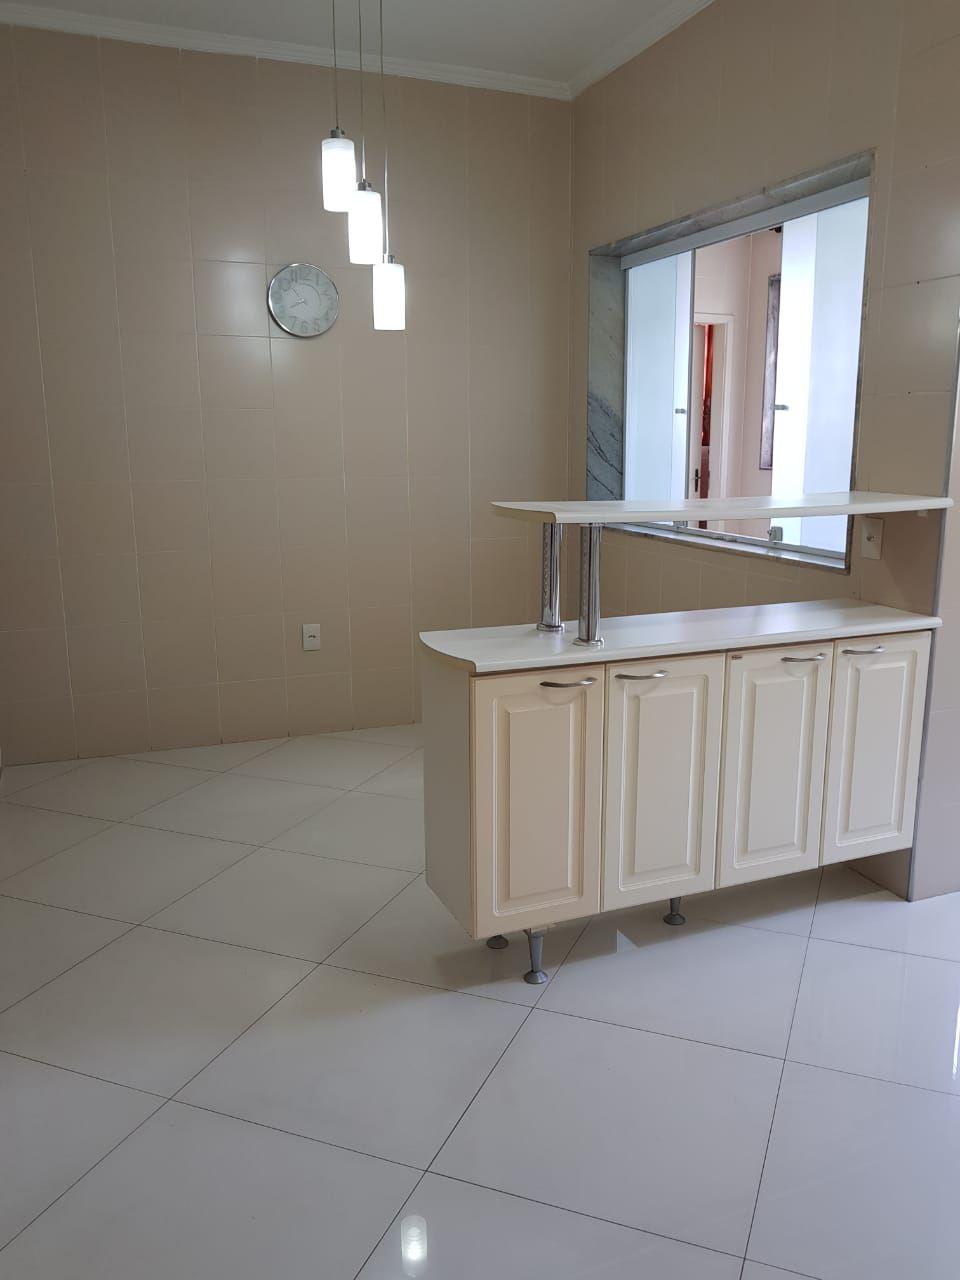 FOTO 3 - Apartamento à venda Rua da Divina Misericórdia,Vila Valqueire, Rio de Janeiro - R$ 790.000 - RF128 - 4